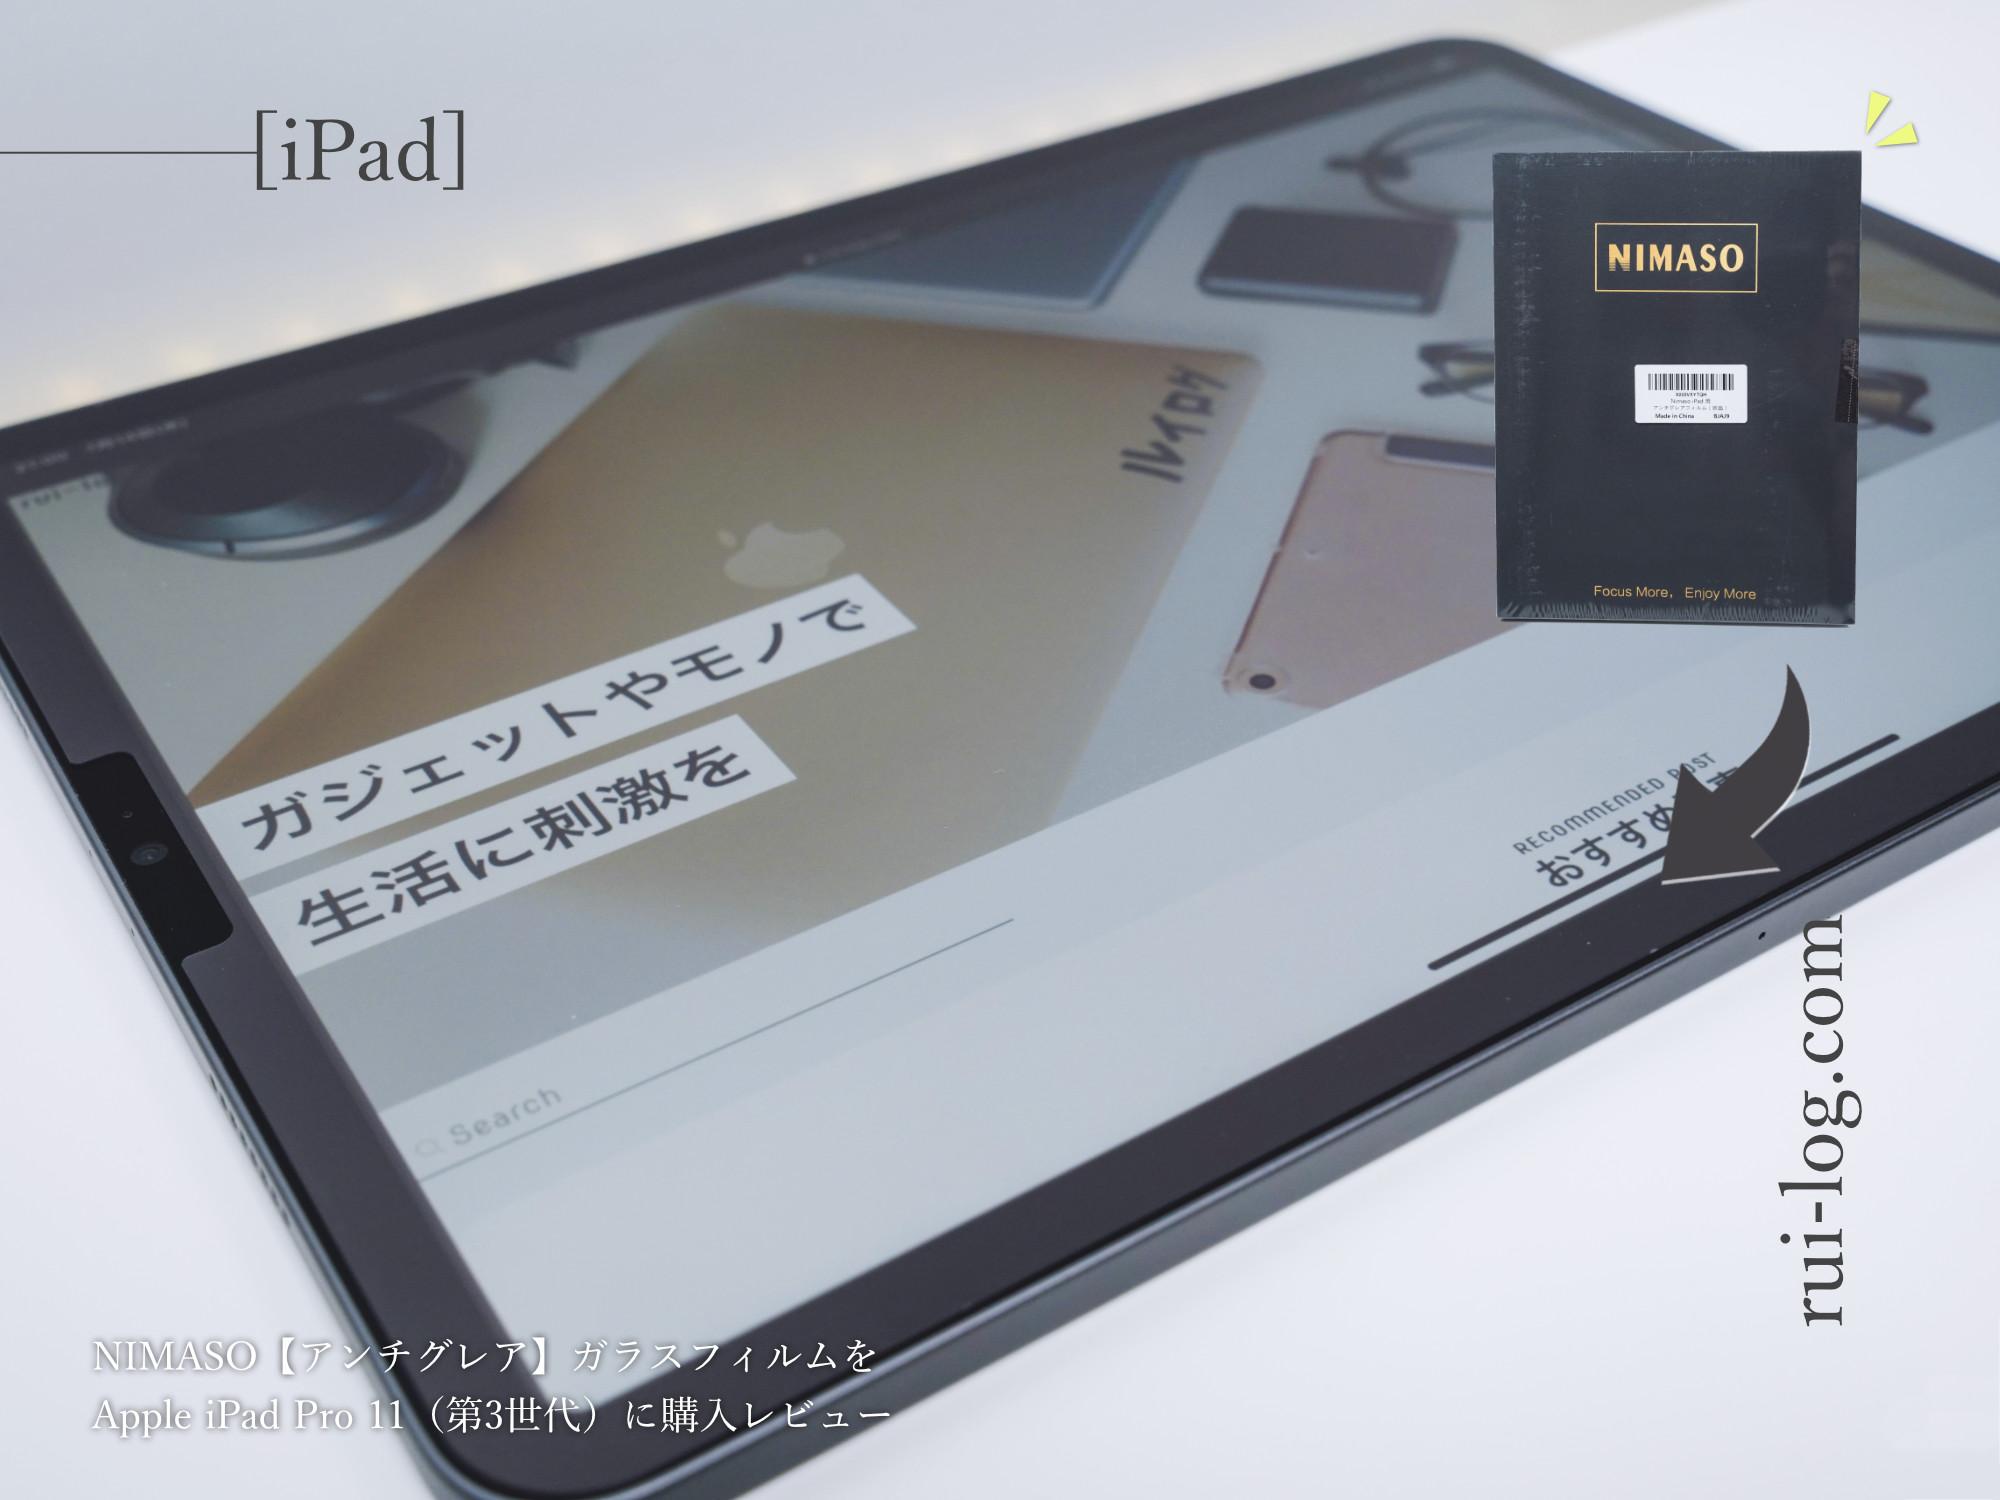 """iPadPro11(第3世代)で使うNIMASO""""アンチグレア""""ガラスフィルムをルイログがレビュー"""